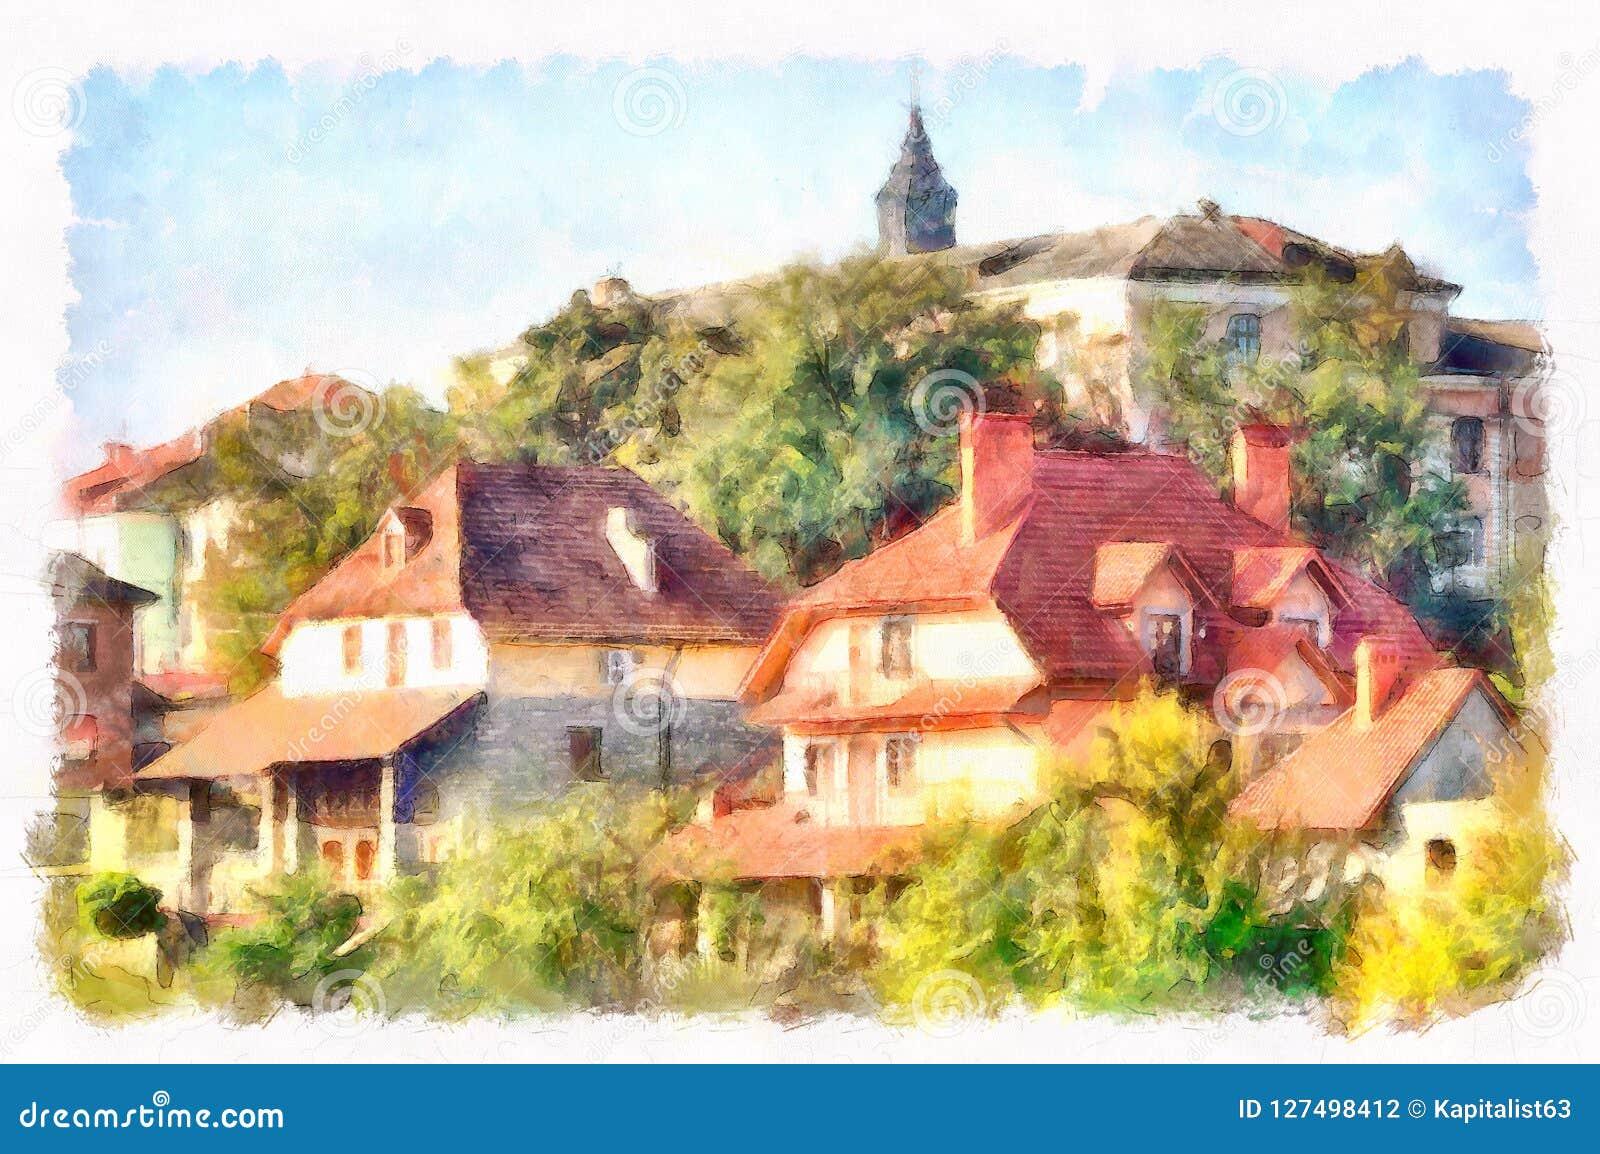 Immagine del centro digitalmente elaborata nello stile dell acquerello